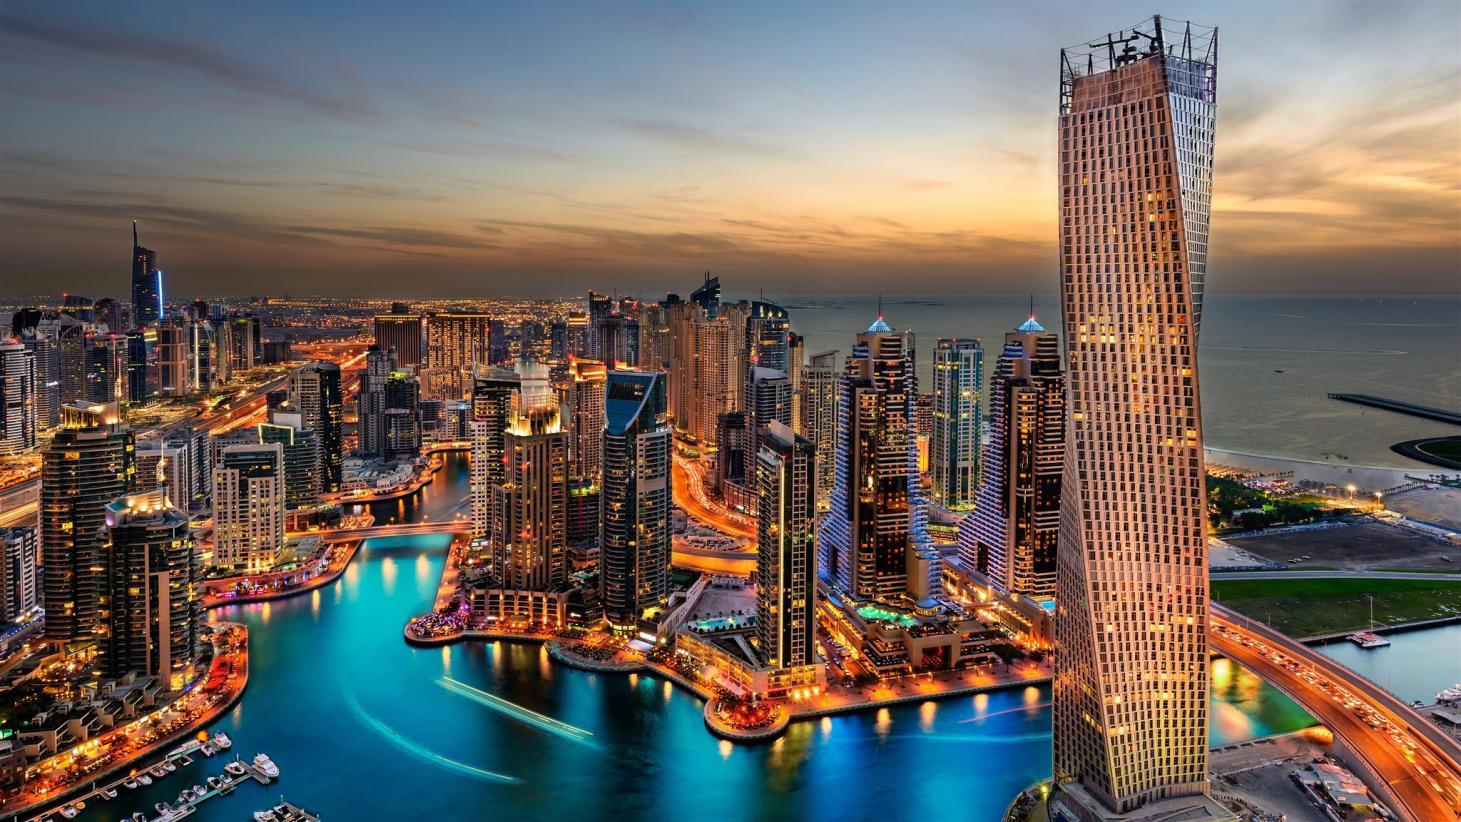 دليلك لاستخدام المواصلات العامة في دبي